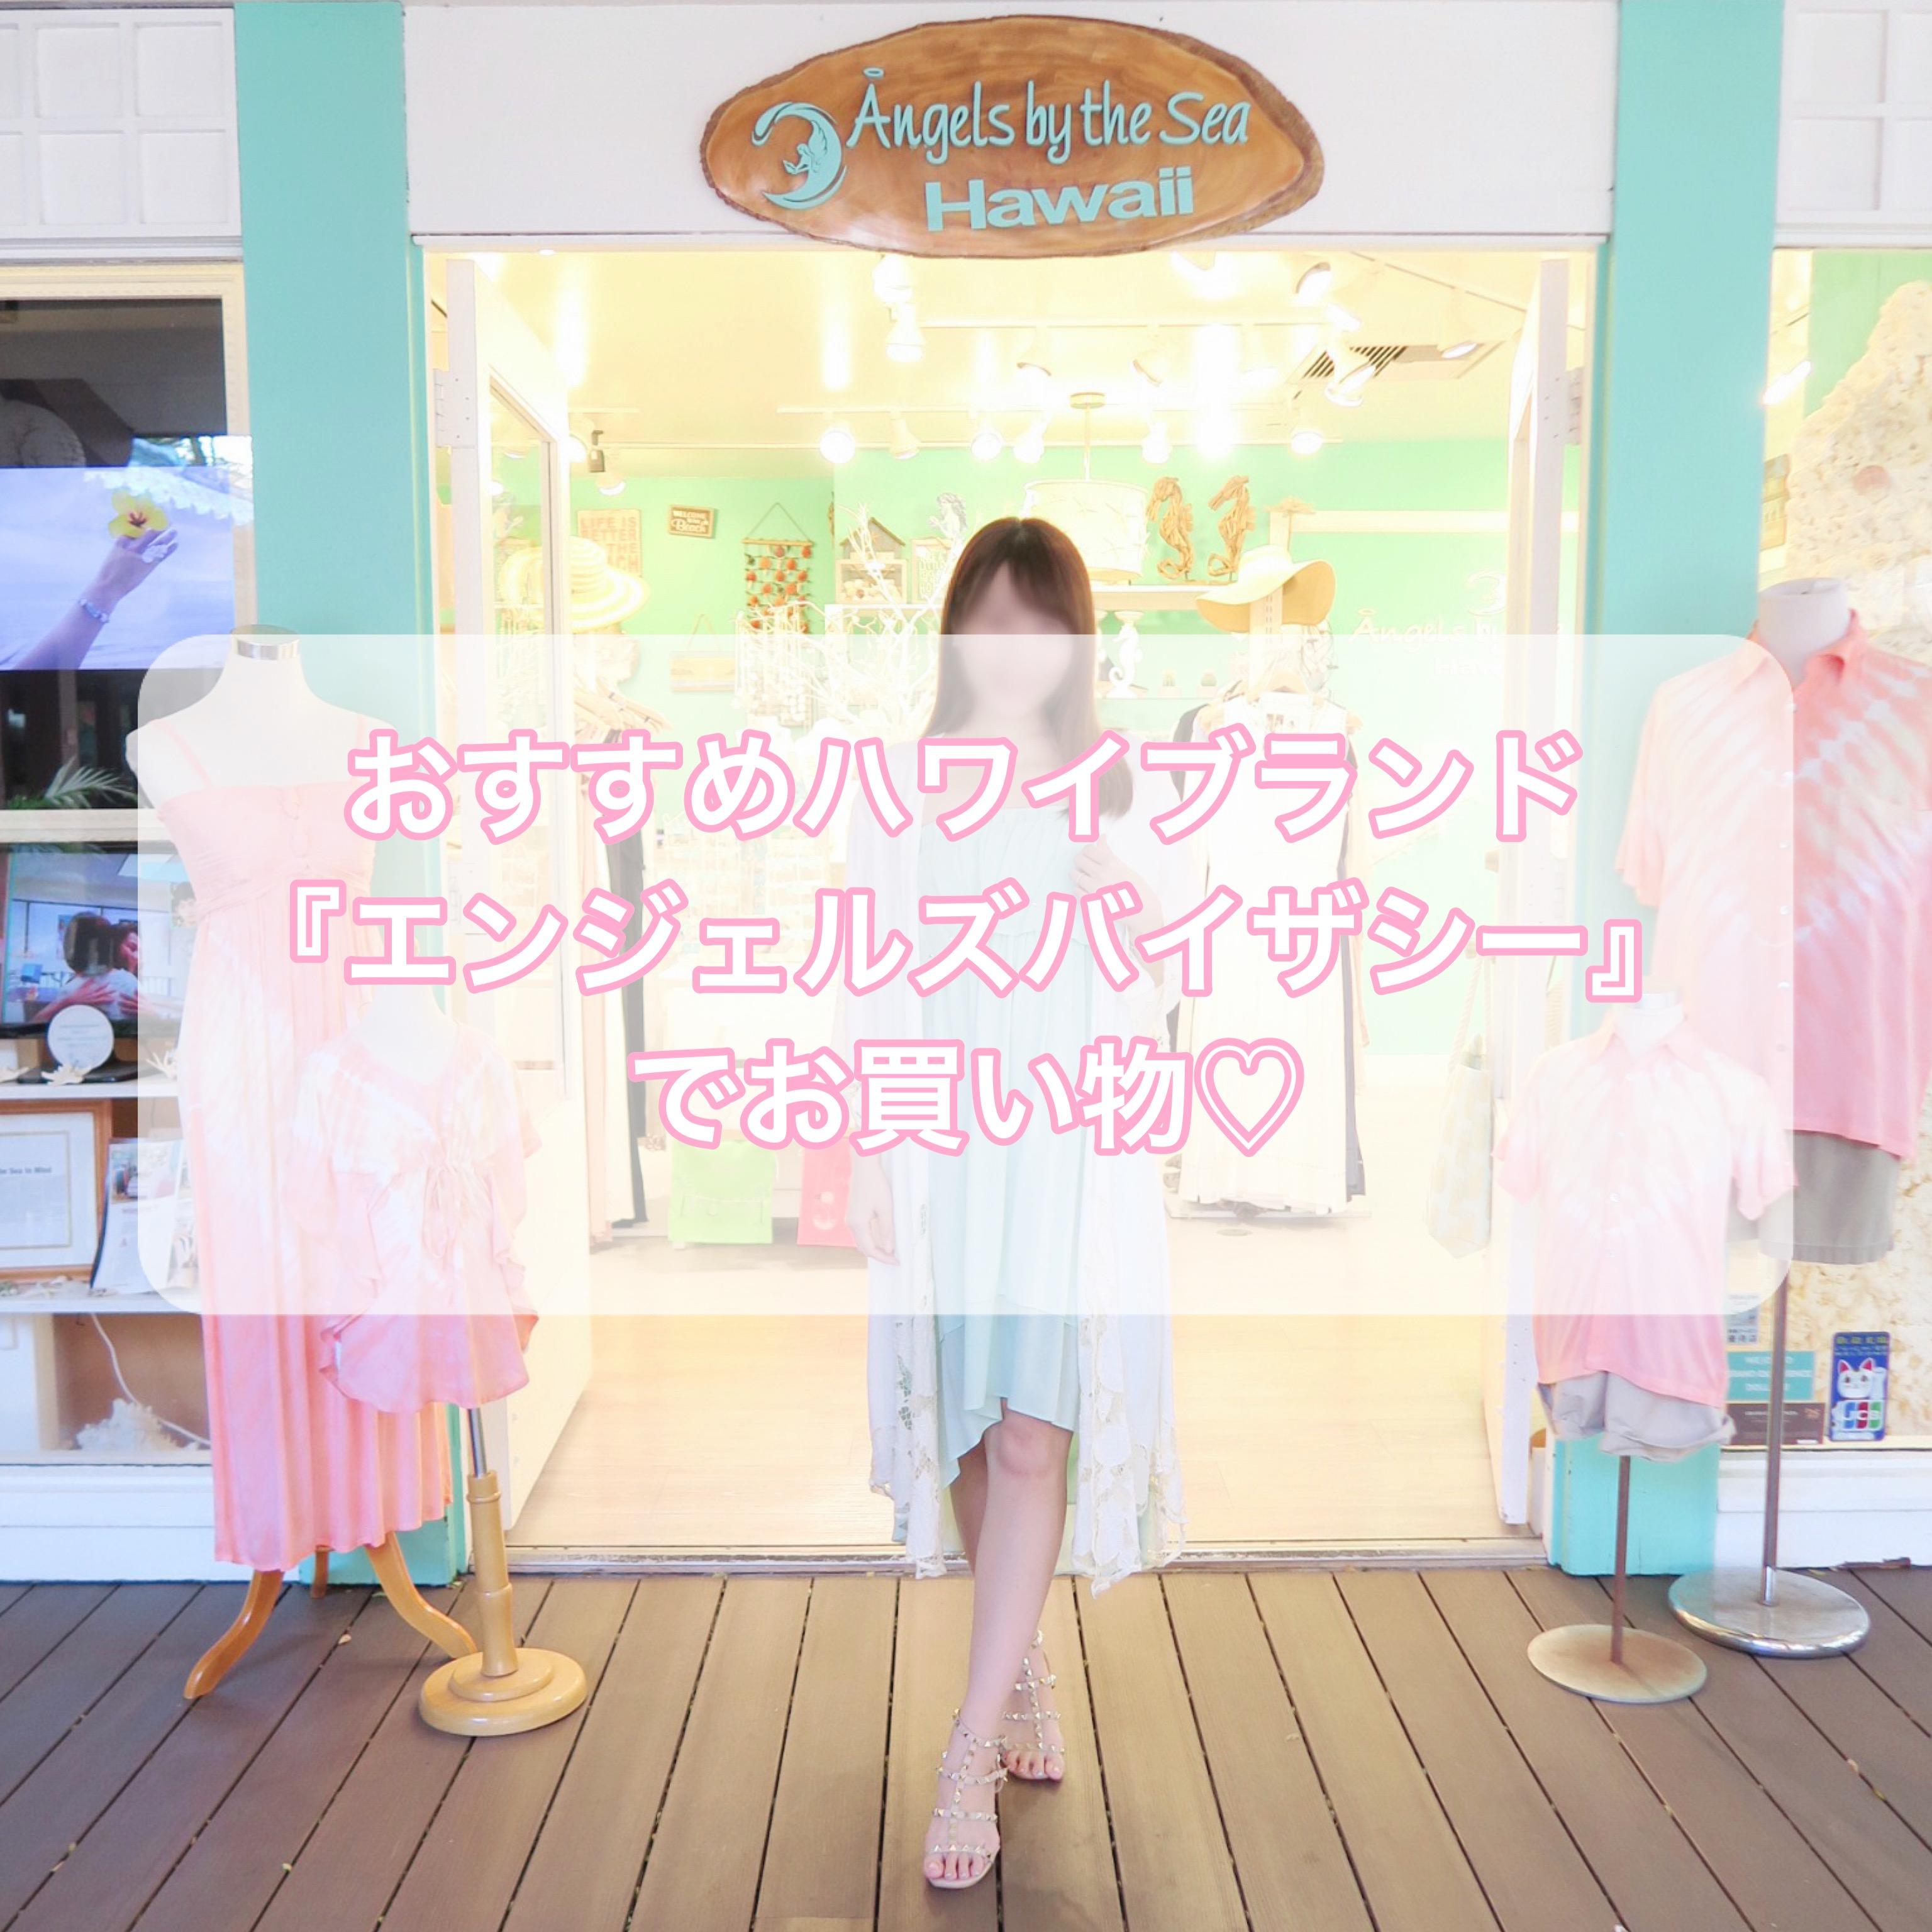 【ハワイファッション】「エンジェルズ・バイ・ザ・シー」がおすすめ【現地調達】